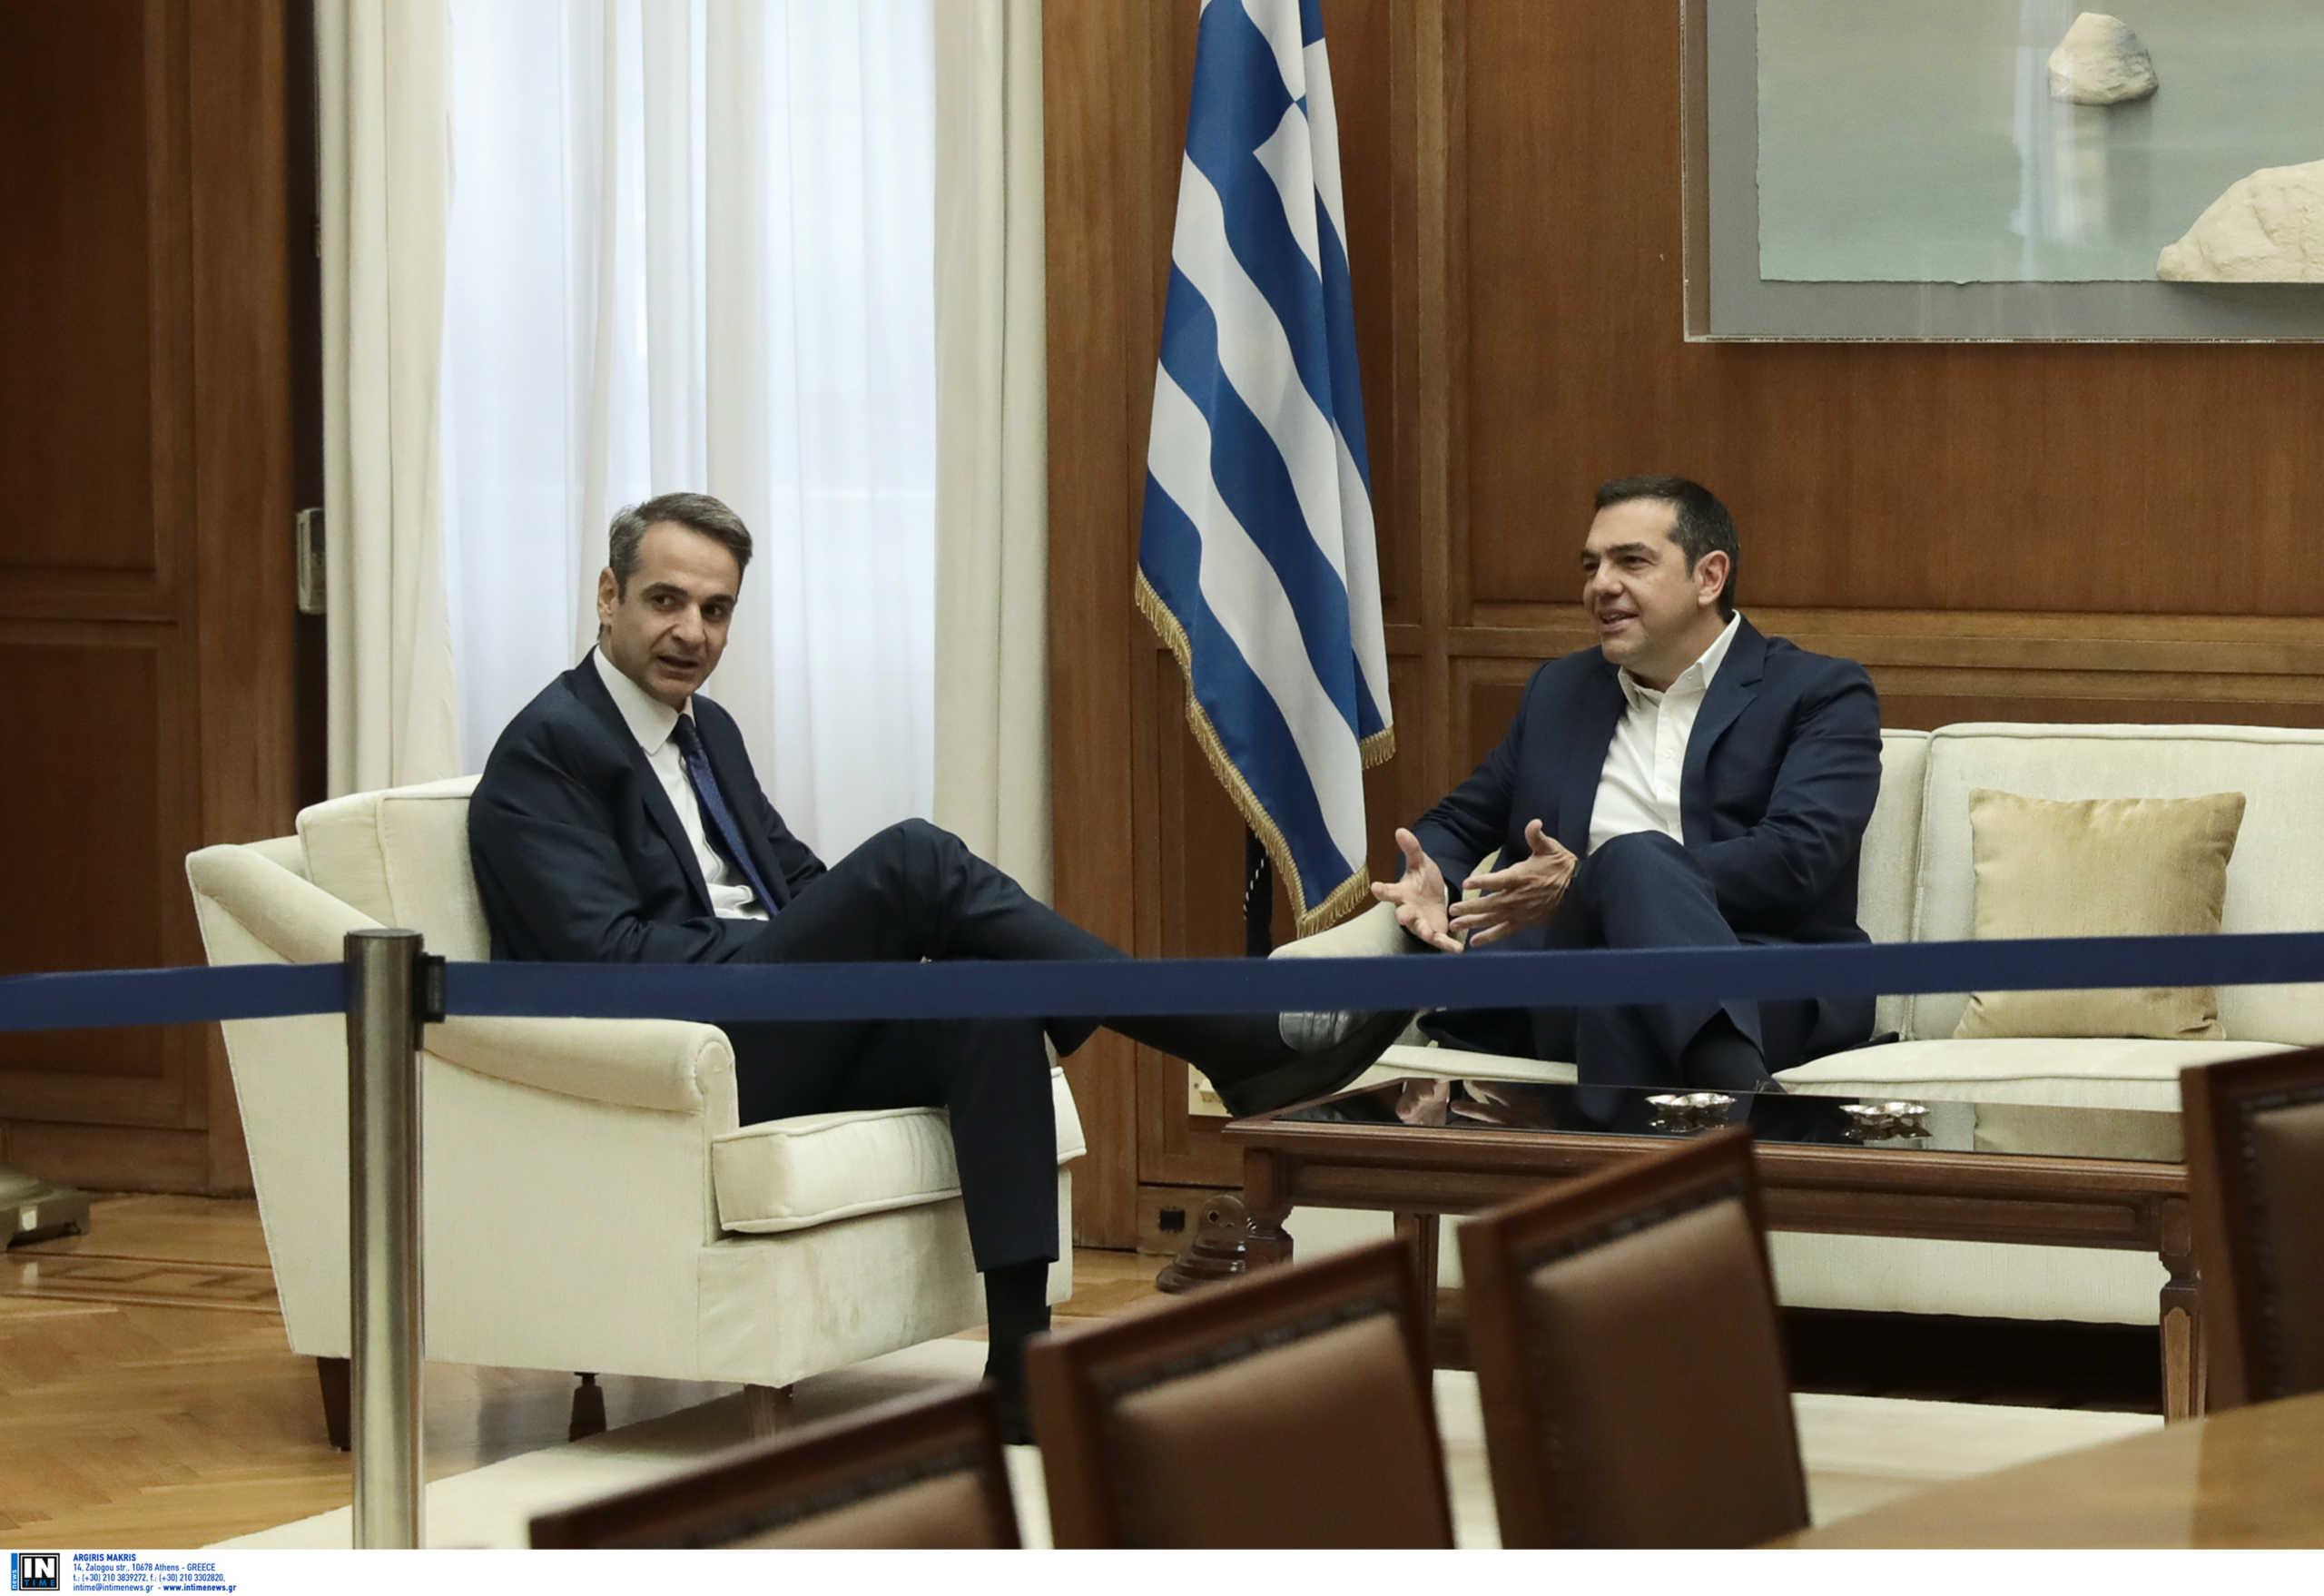 """Συνάντηση Τσίπρα – Μητσοτάκη για τα ελληνοτουρκικά σε """"βαρύ"""" κλίμα λόγω Παπαγγελόπουλου"""